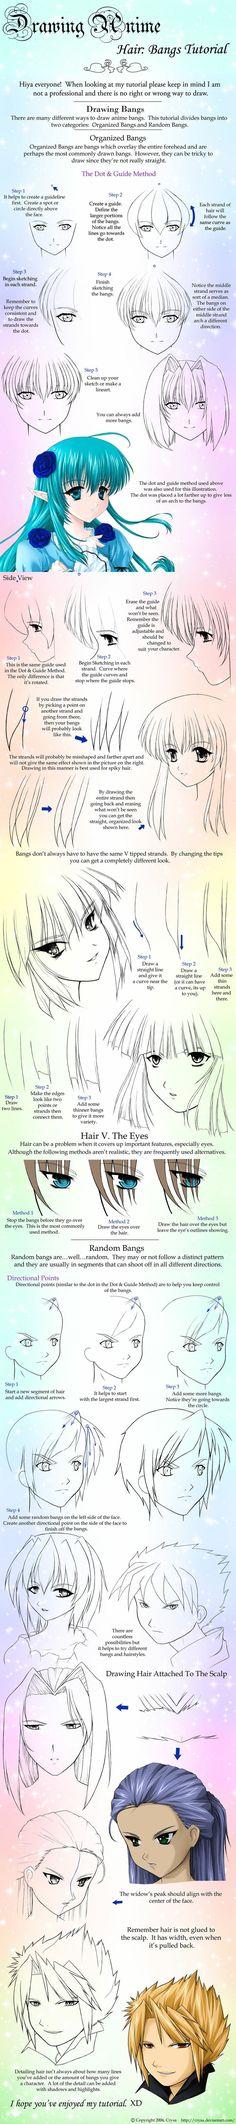 Apprendre à dessiner Manga cheveux dessin cheveux frange Tut, Anime cheveux tutoriel, Page 8 de Tentopet sur deviantART, comment dessiner les cheveux d'anime, mignon, kawaii anime gens, coiffures de dessin, anime japonais tut 3740                                                                                                                                                      Plus